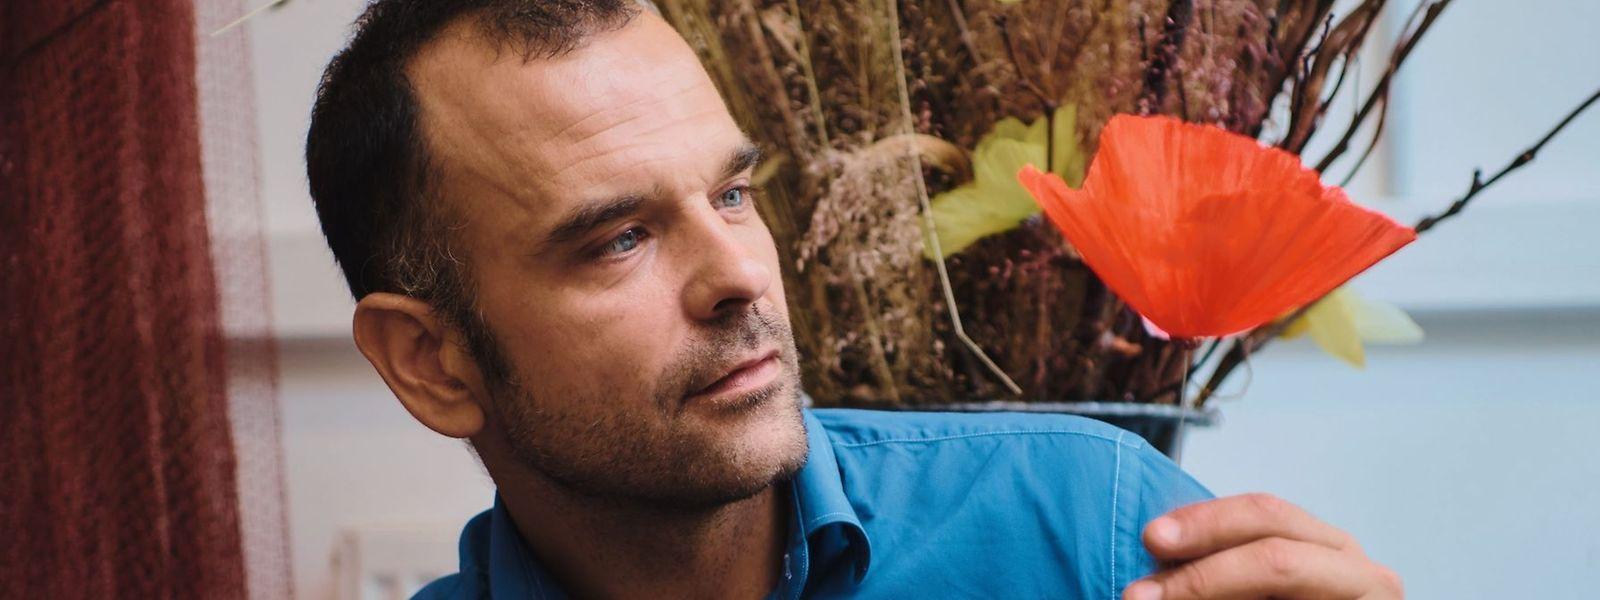 William Amor mit einer der von ihm kreierten Mohnblumen.